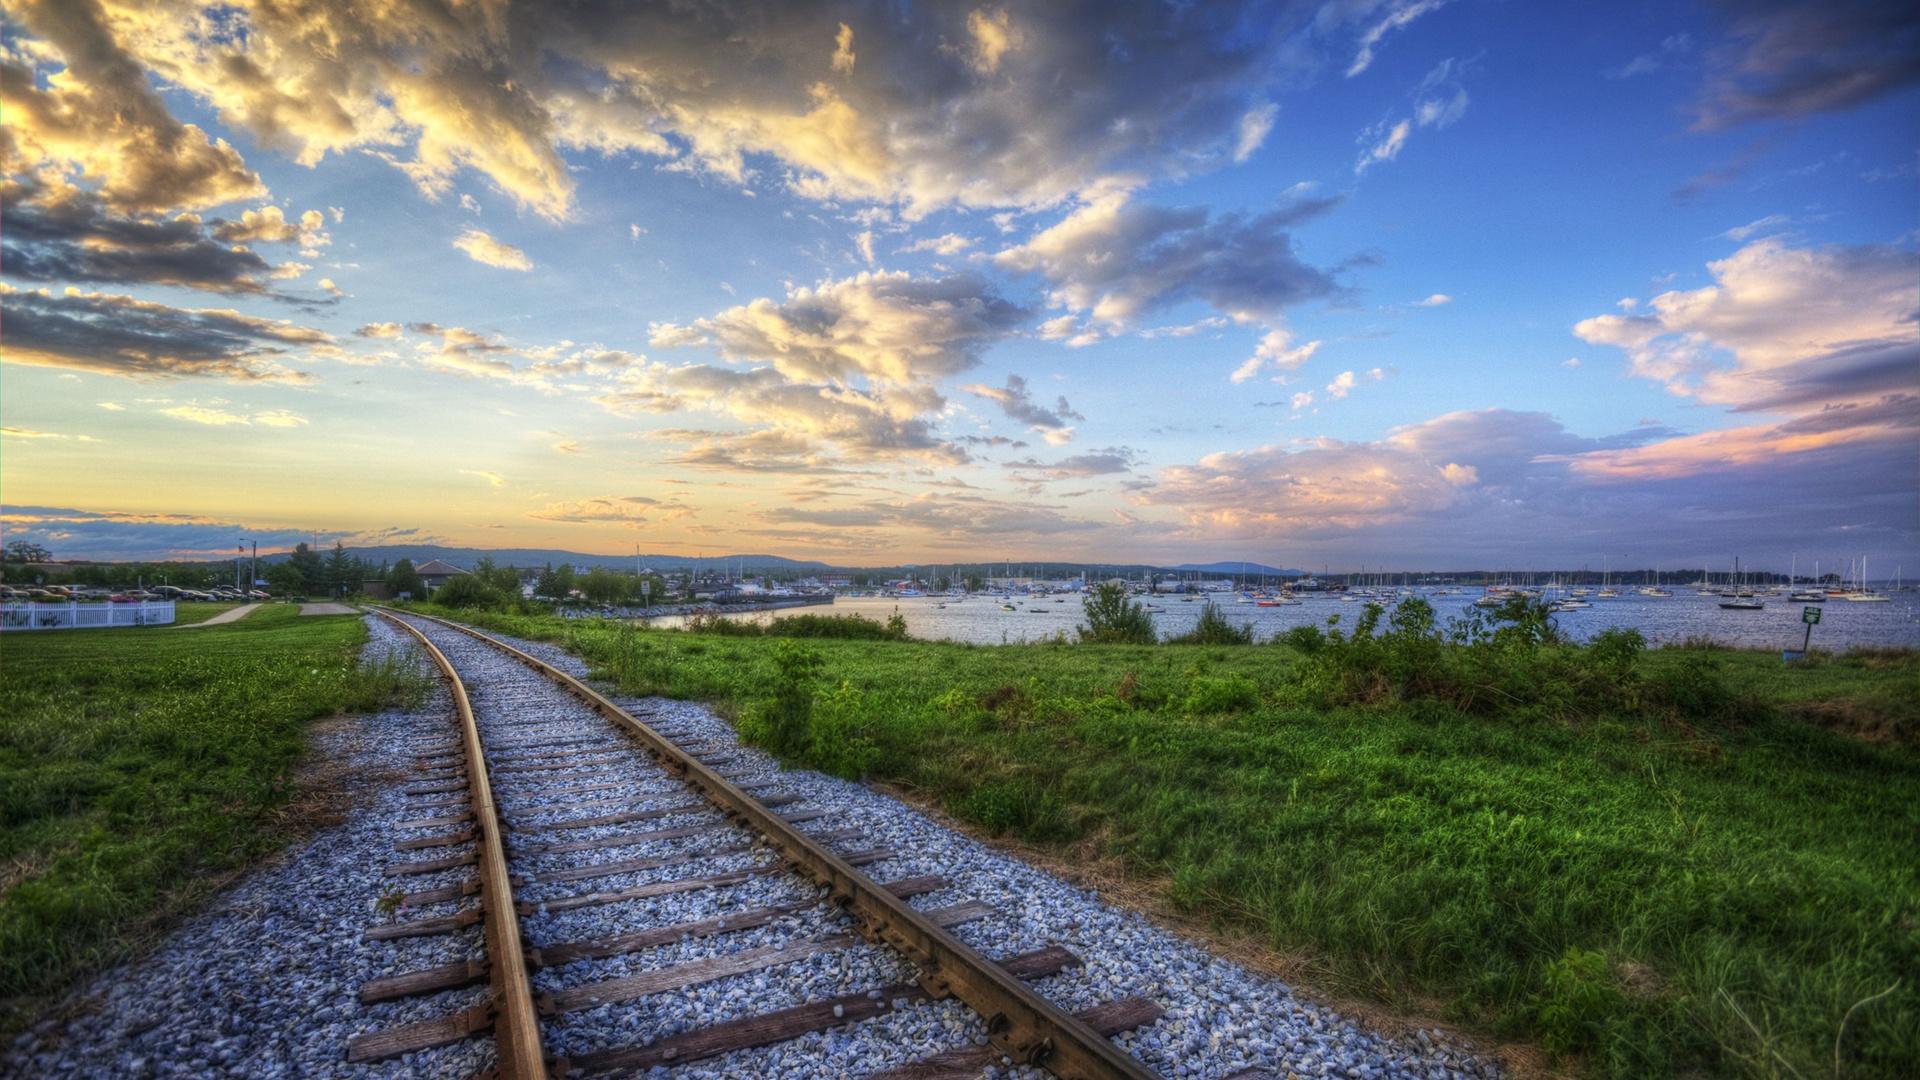 壁紙 夕暮れ時の鉄道 2560x1600 HD 無料のデスクトップの背景, 画像